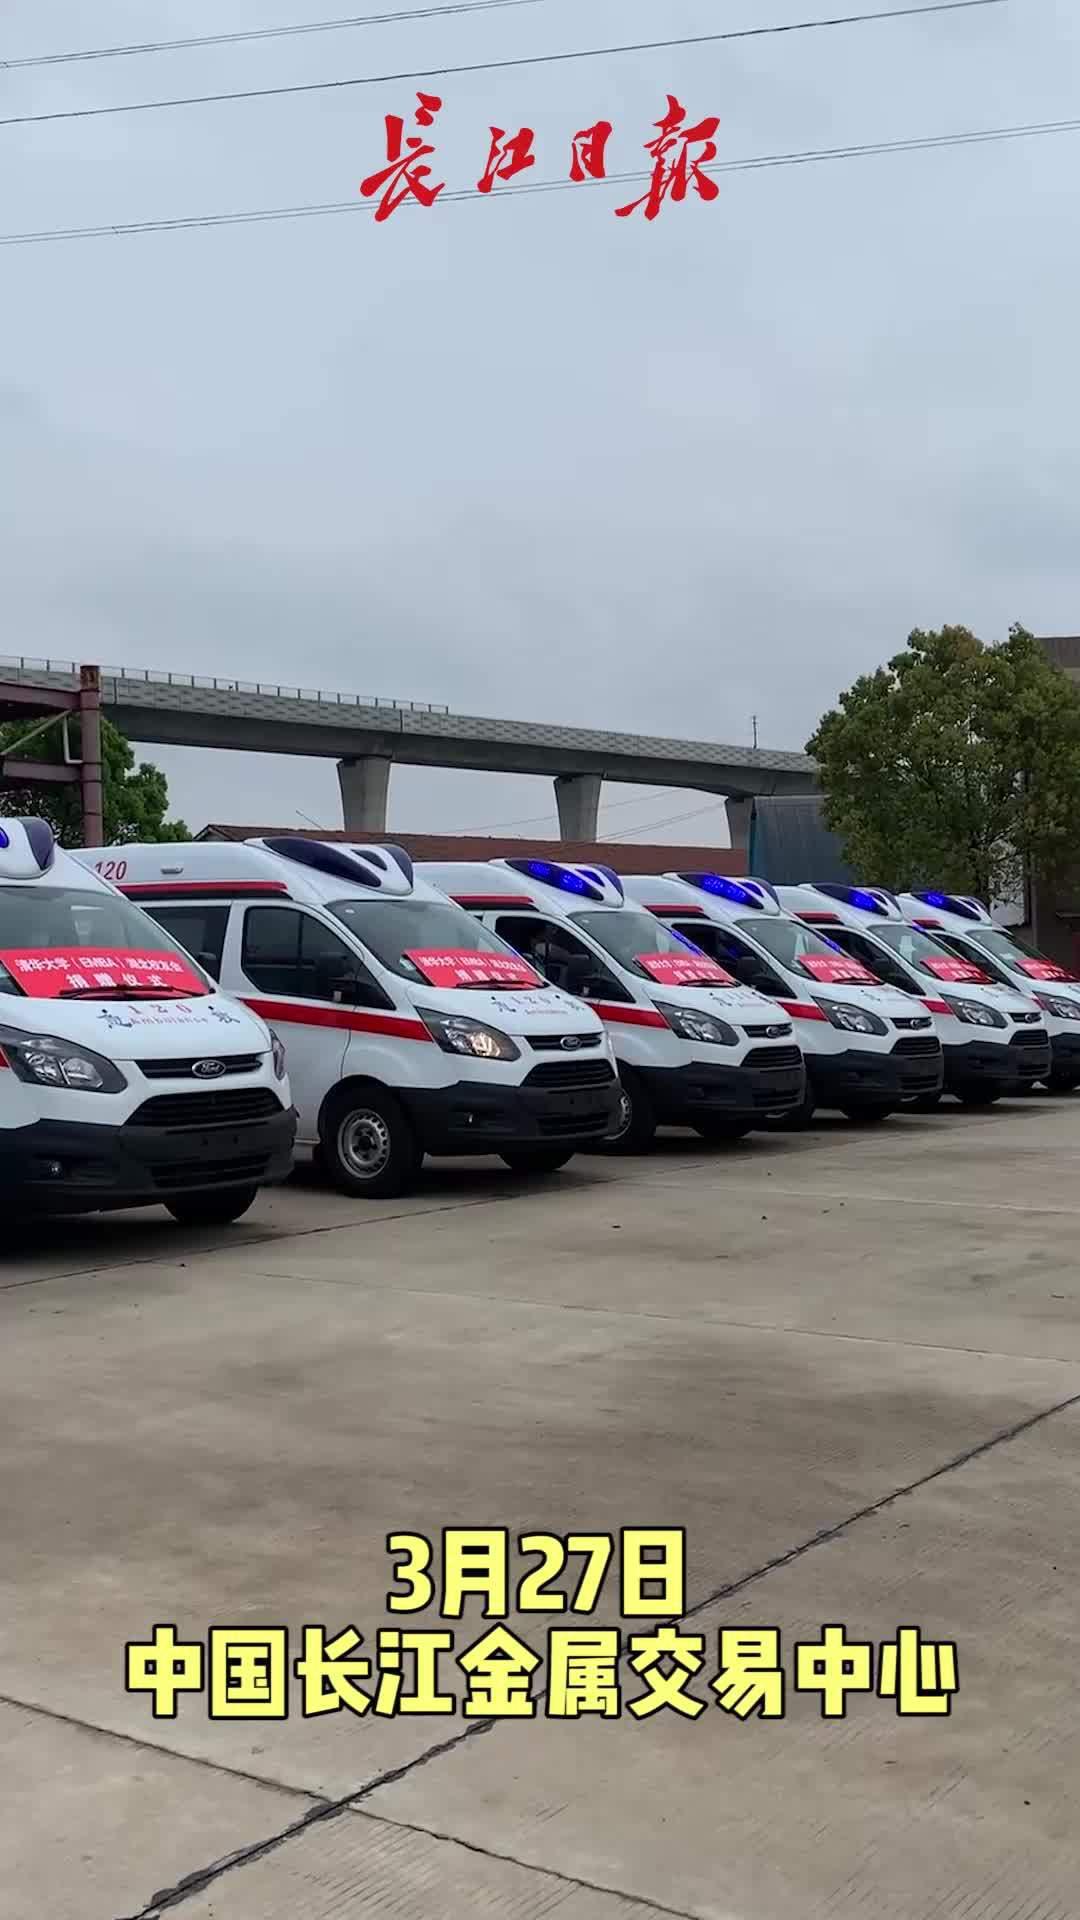 清华经管EMBA湖北校友会向十家医院捐赠10台负压救护车